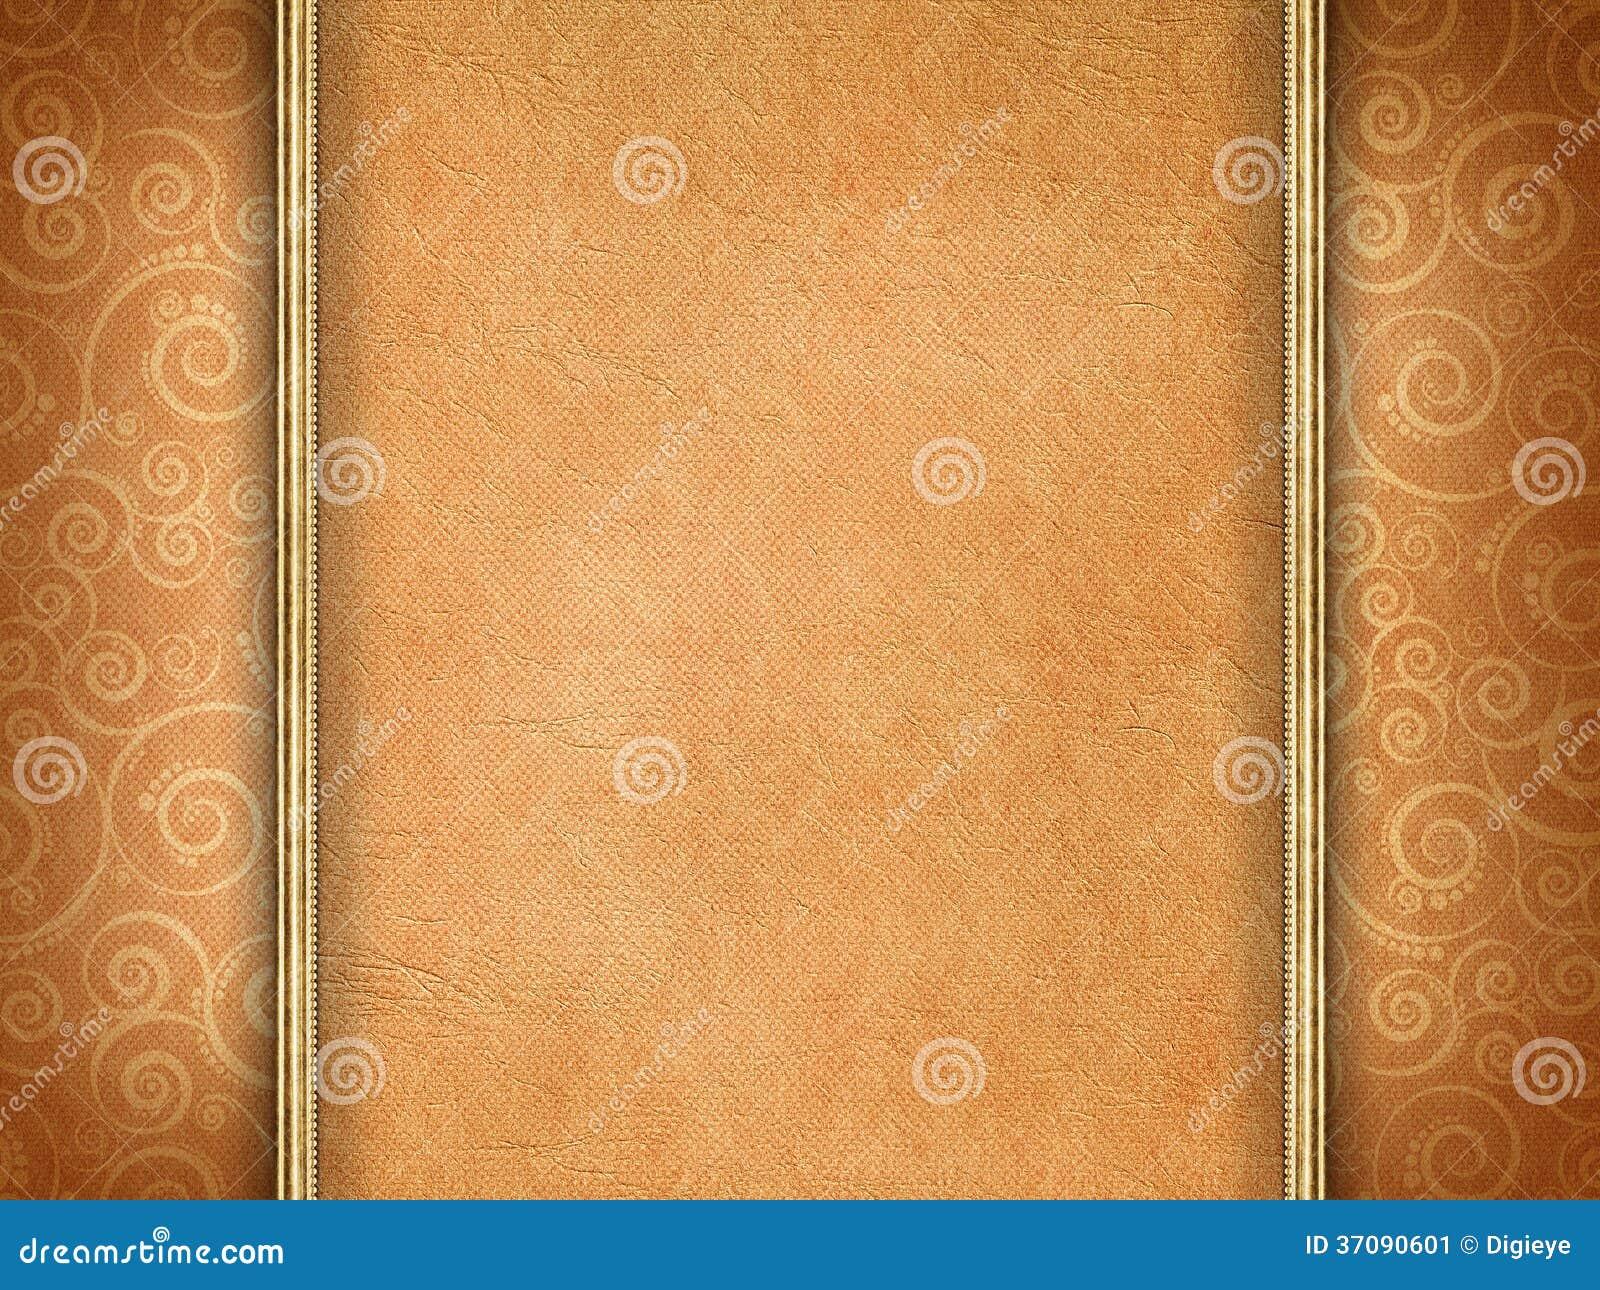 Download Handmade Papier Na Wzorzystym Tle Ilustracji - Ilustracja złożonej z blank, roczniki: 37090601